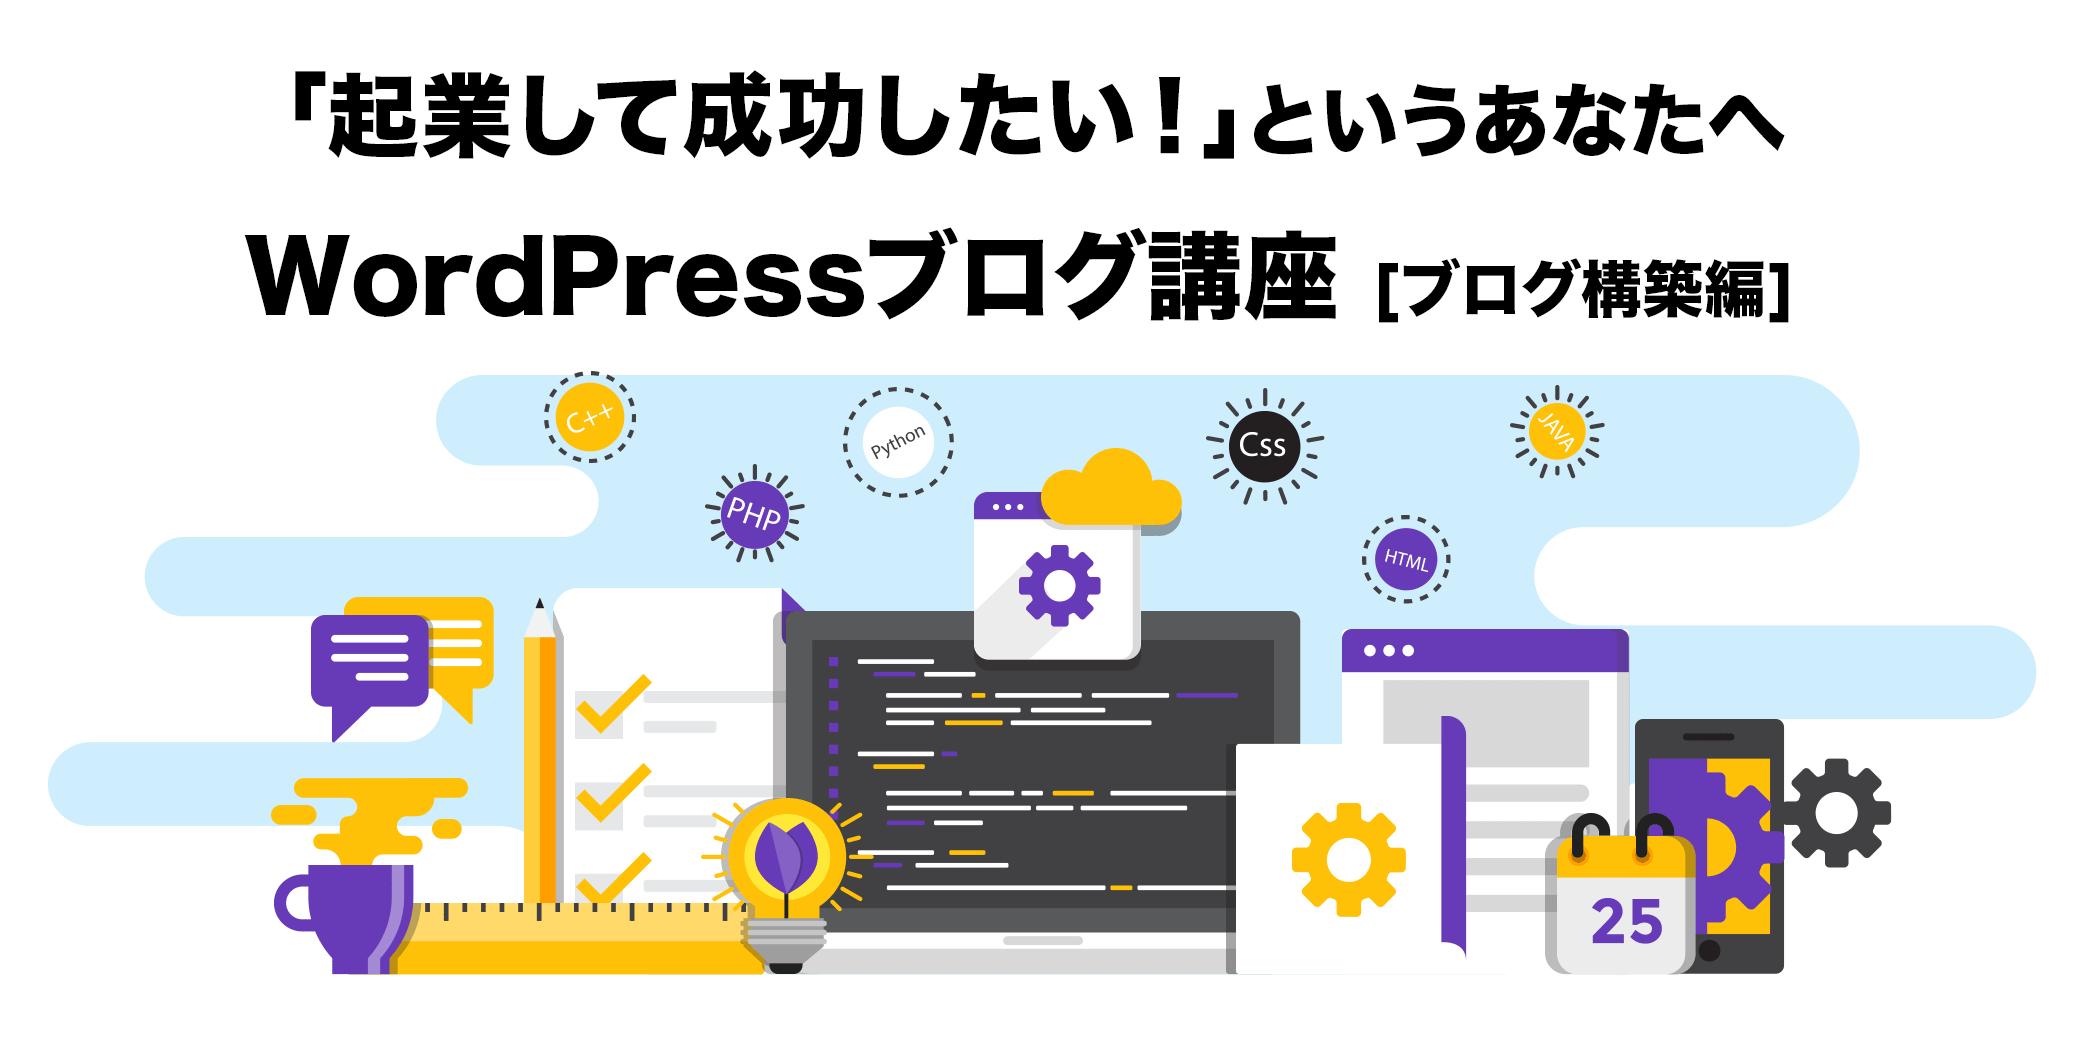 WordPress構築講座バナー3